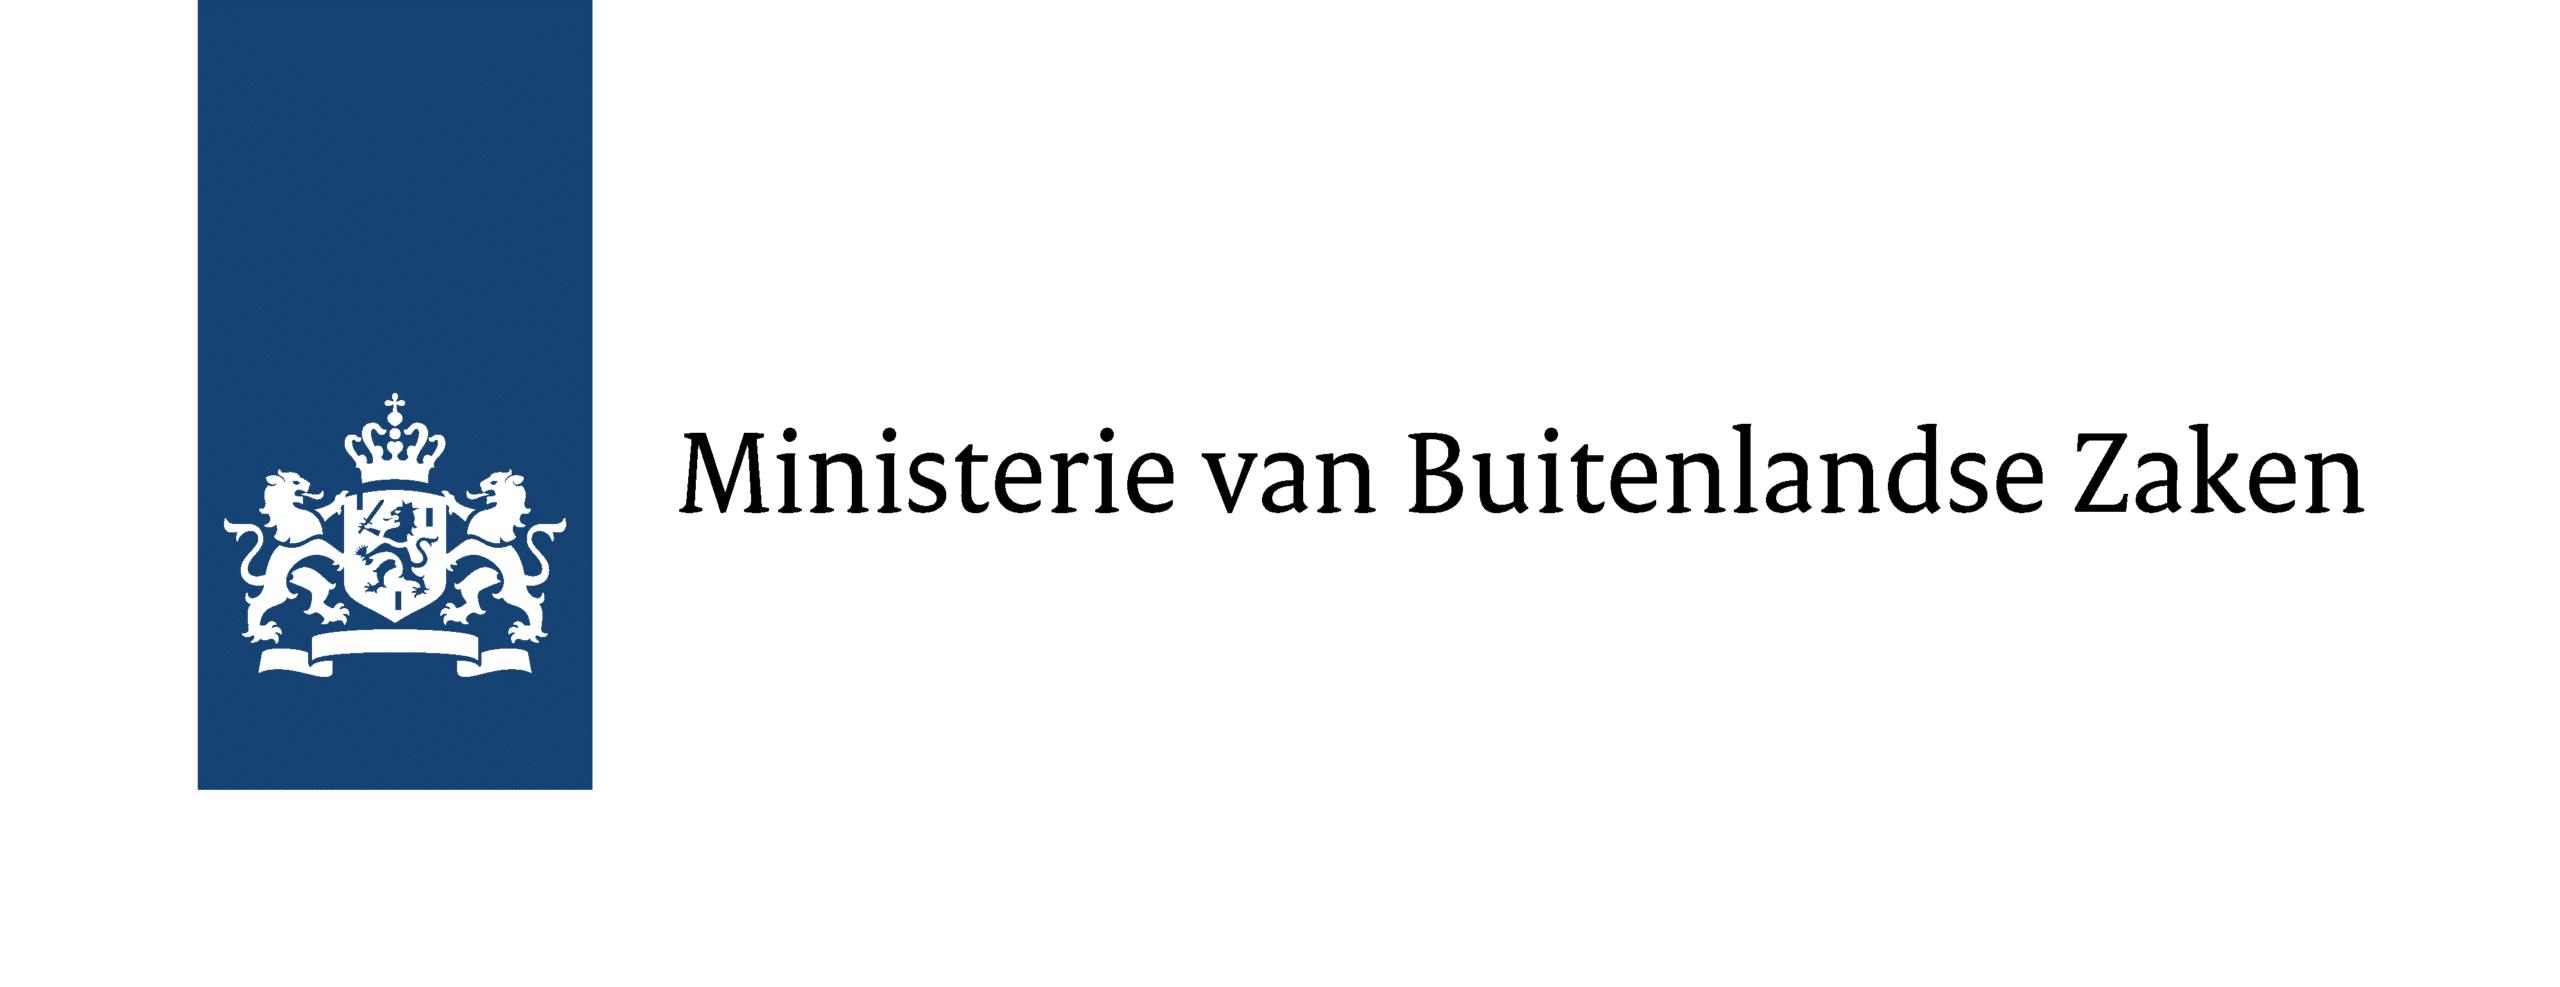 Ministerie van Buitenlandse Zaken - KROOTZ interim & ZZP